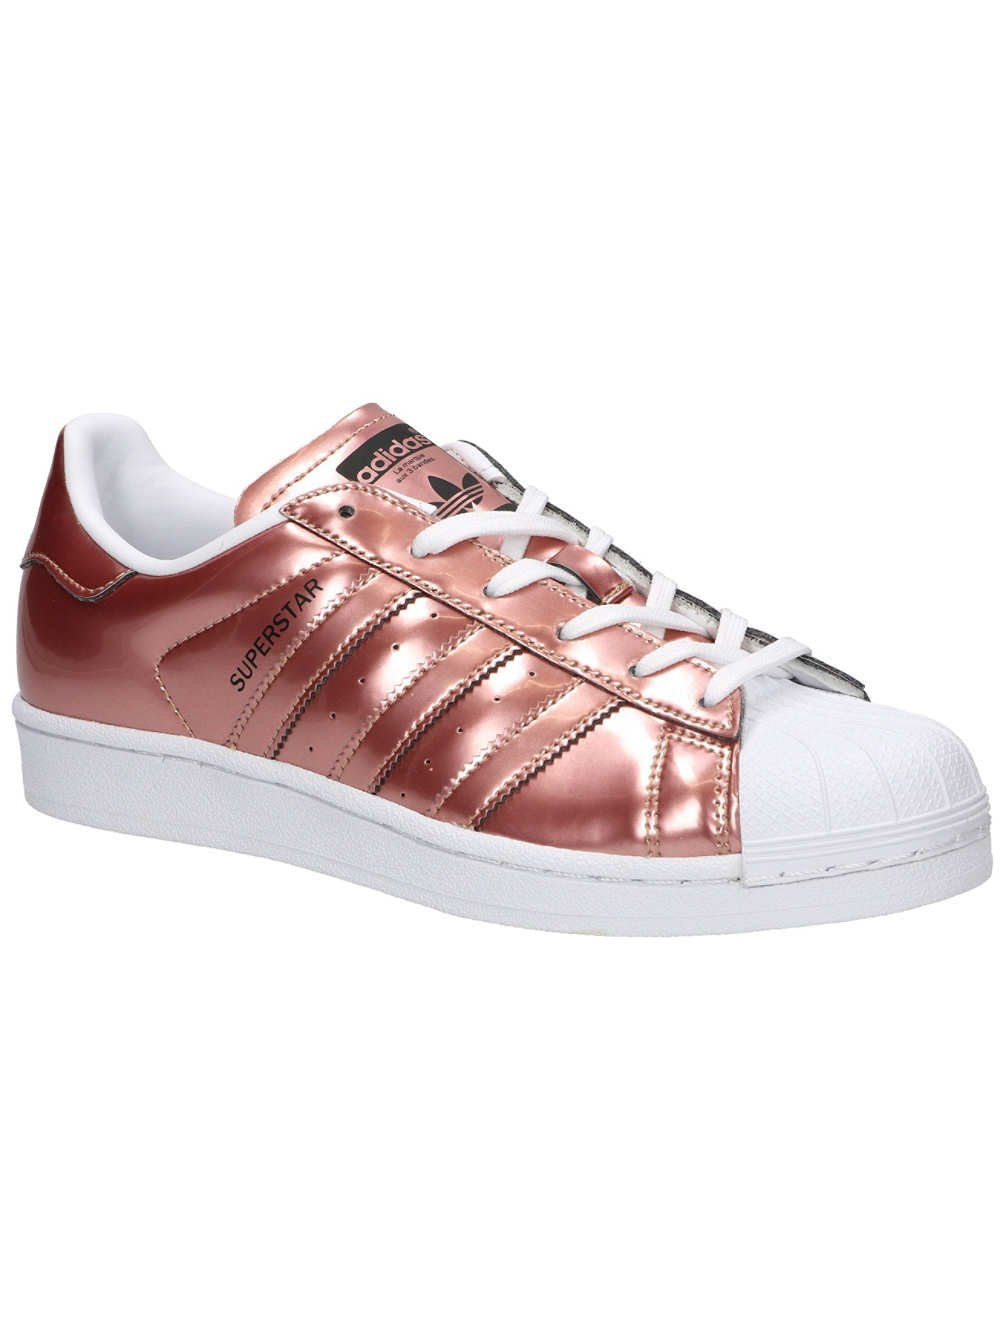 adidas Superstar Cg3680 - Zapatillas deportivas para mujer, mujer, CG3680, Brown/White, Size UK 4 Size UK 4 Brown/White